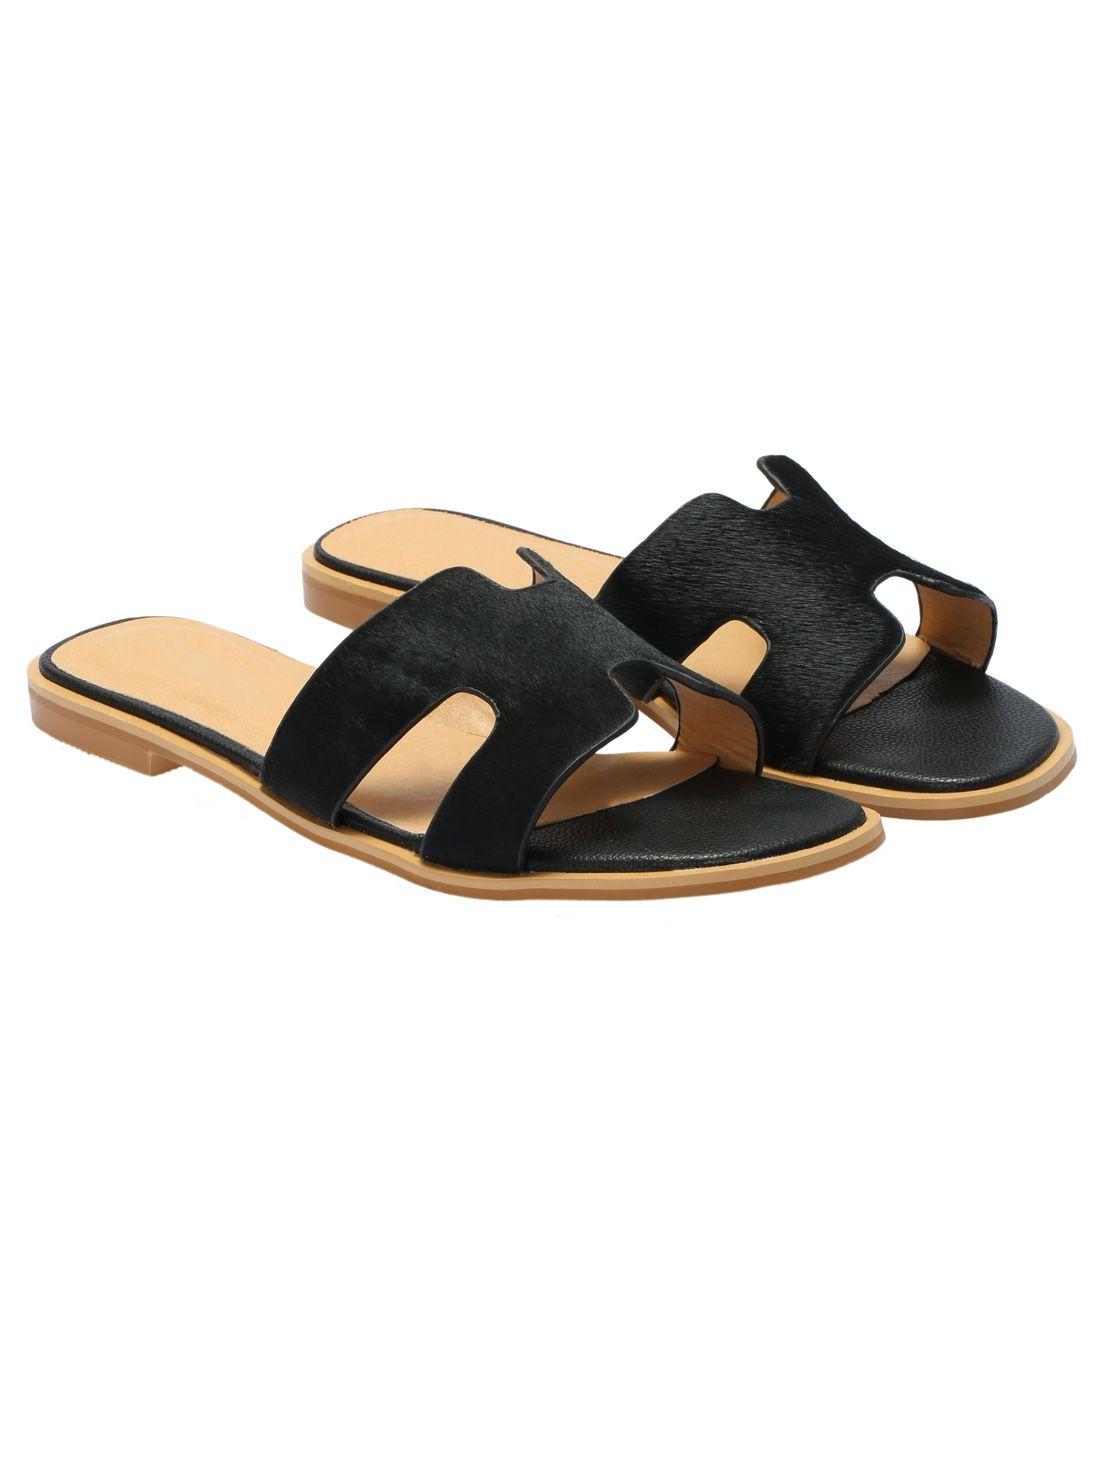 Black Low Heel Sandals Black Sandals Low Heel Black Heels Low Low Heel Sandals